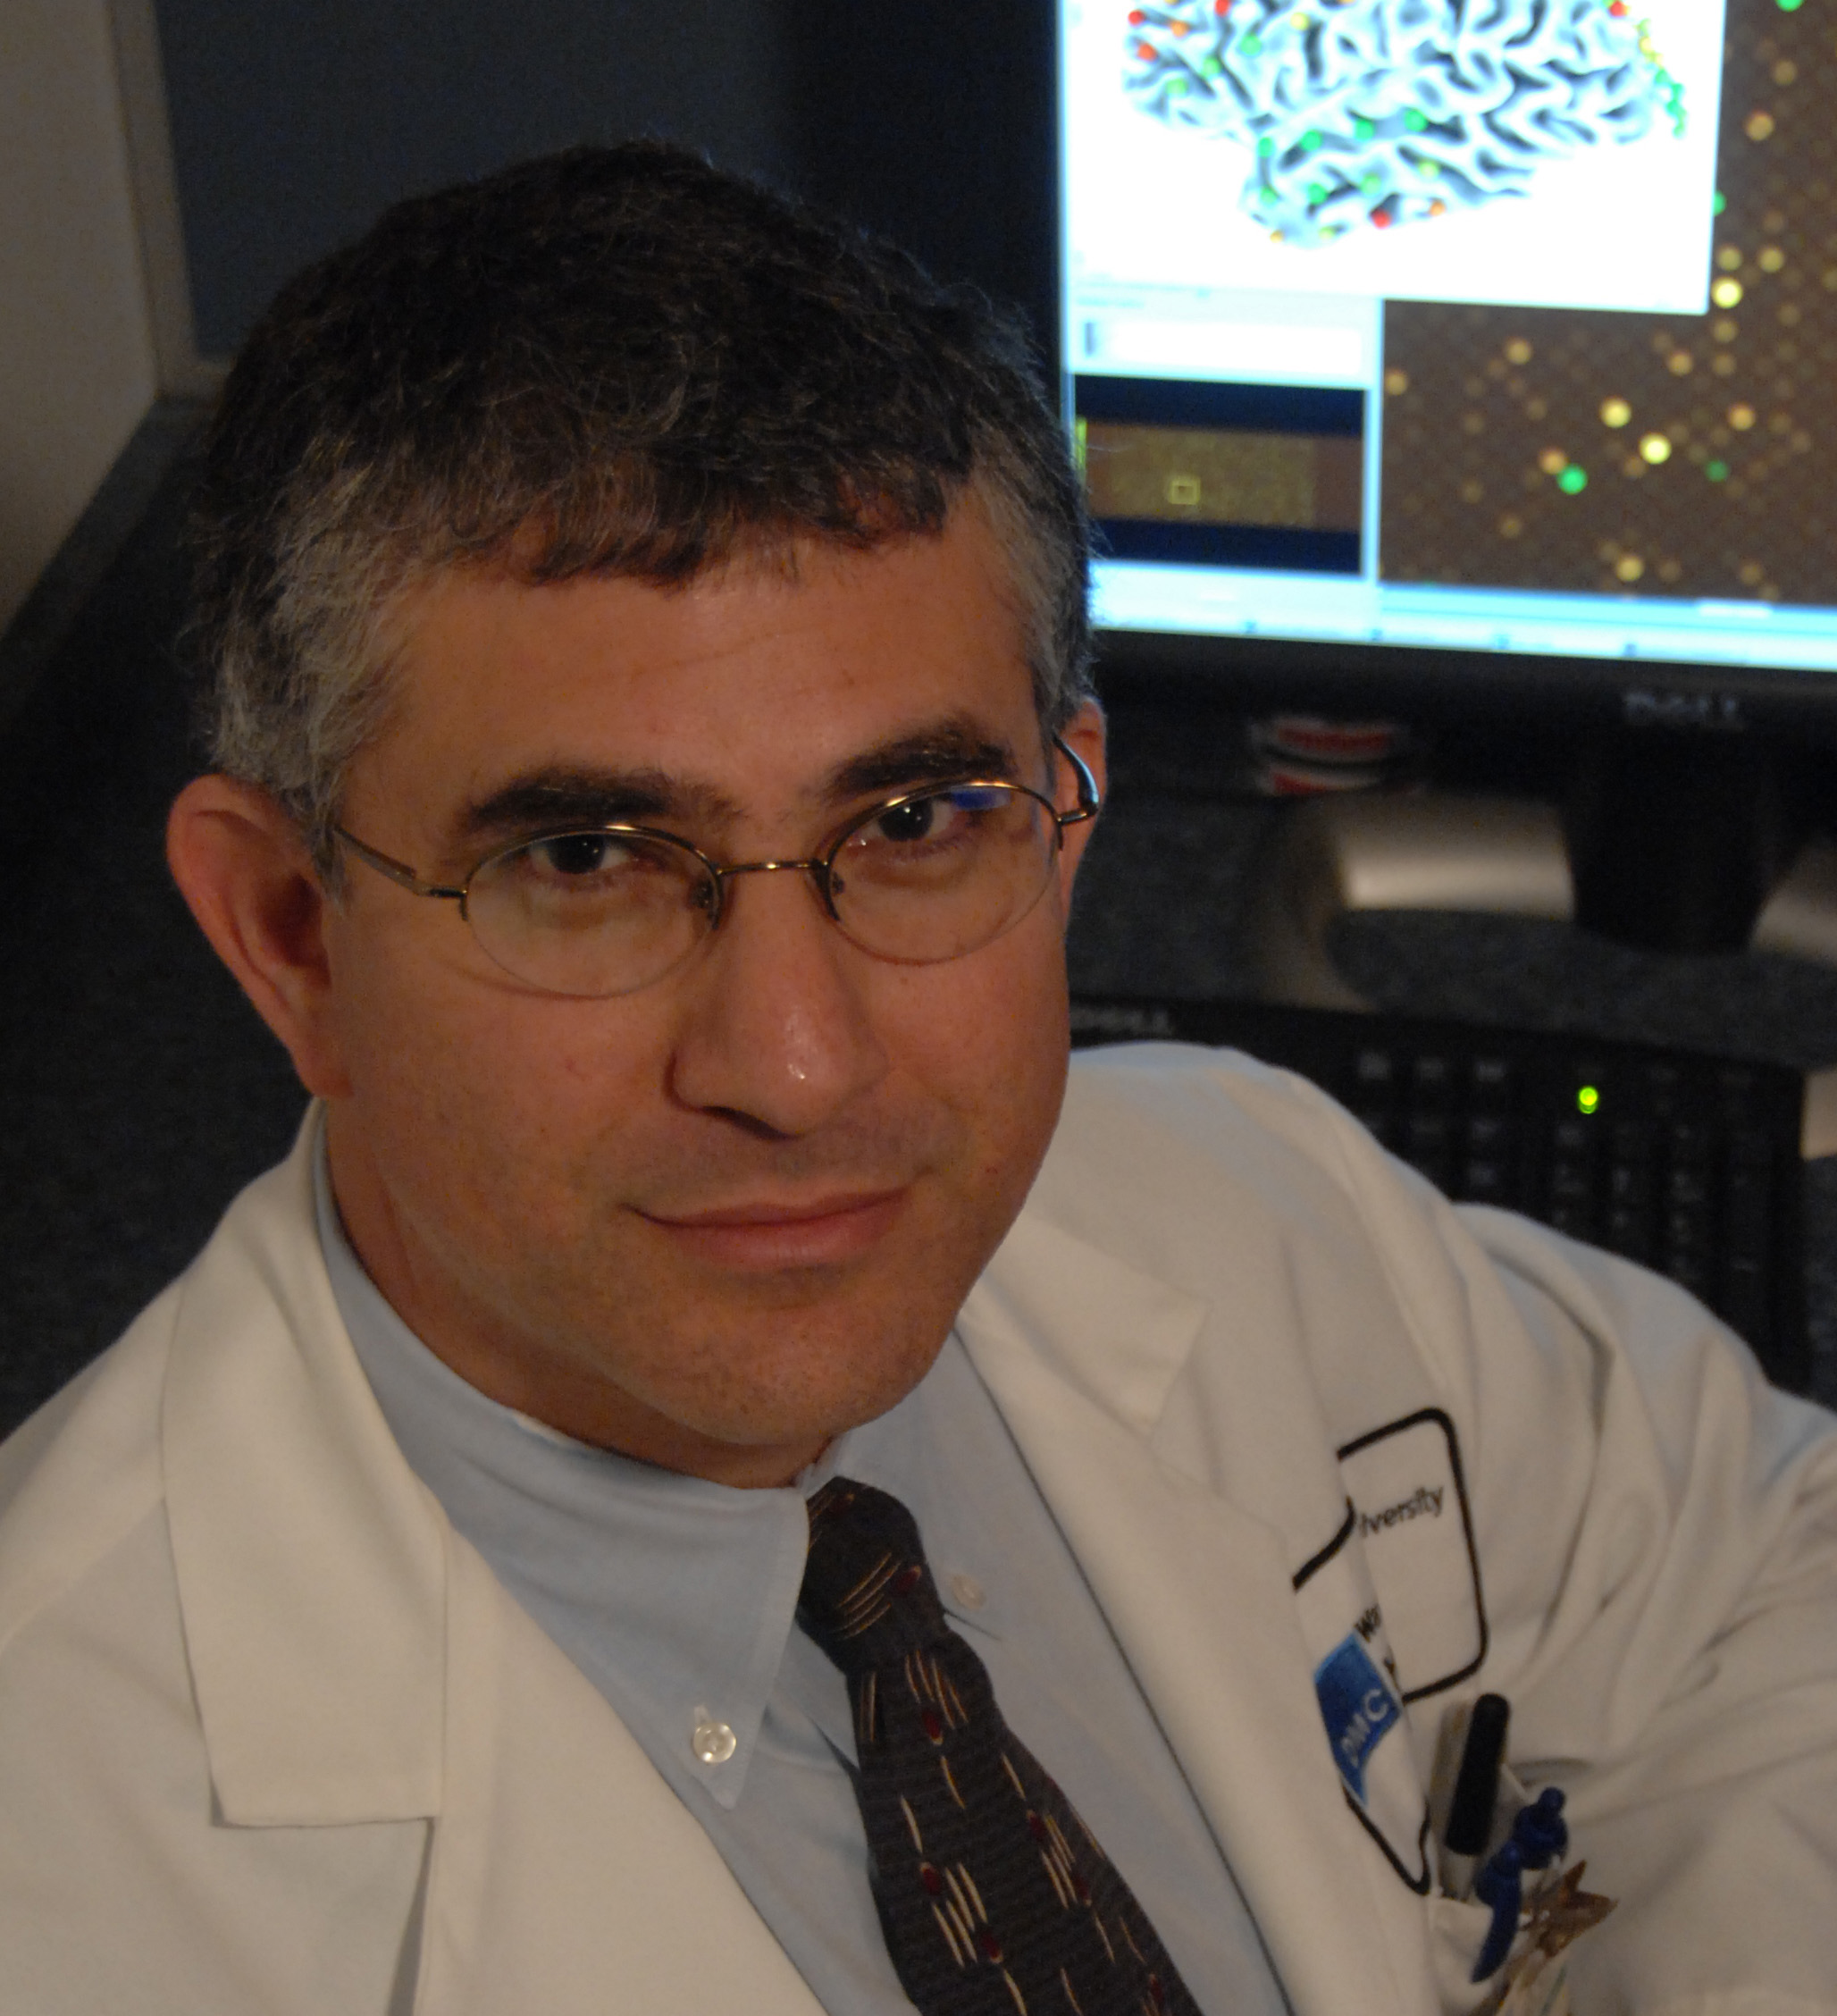 Dr. Jeffrey Loeb, M.D. NamedStrategist at the Sturge-Weber Foundation